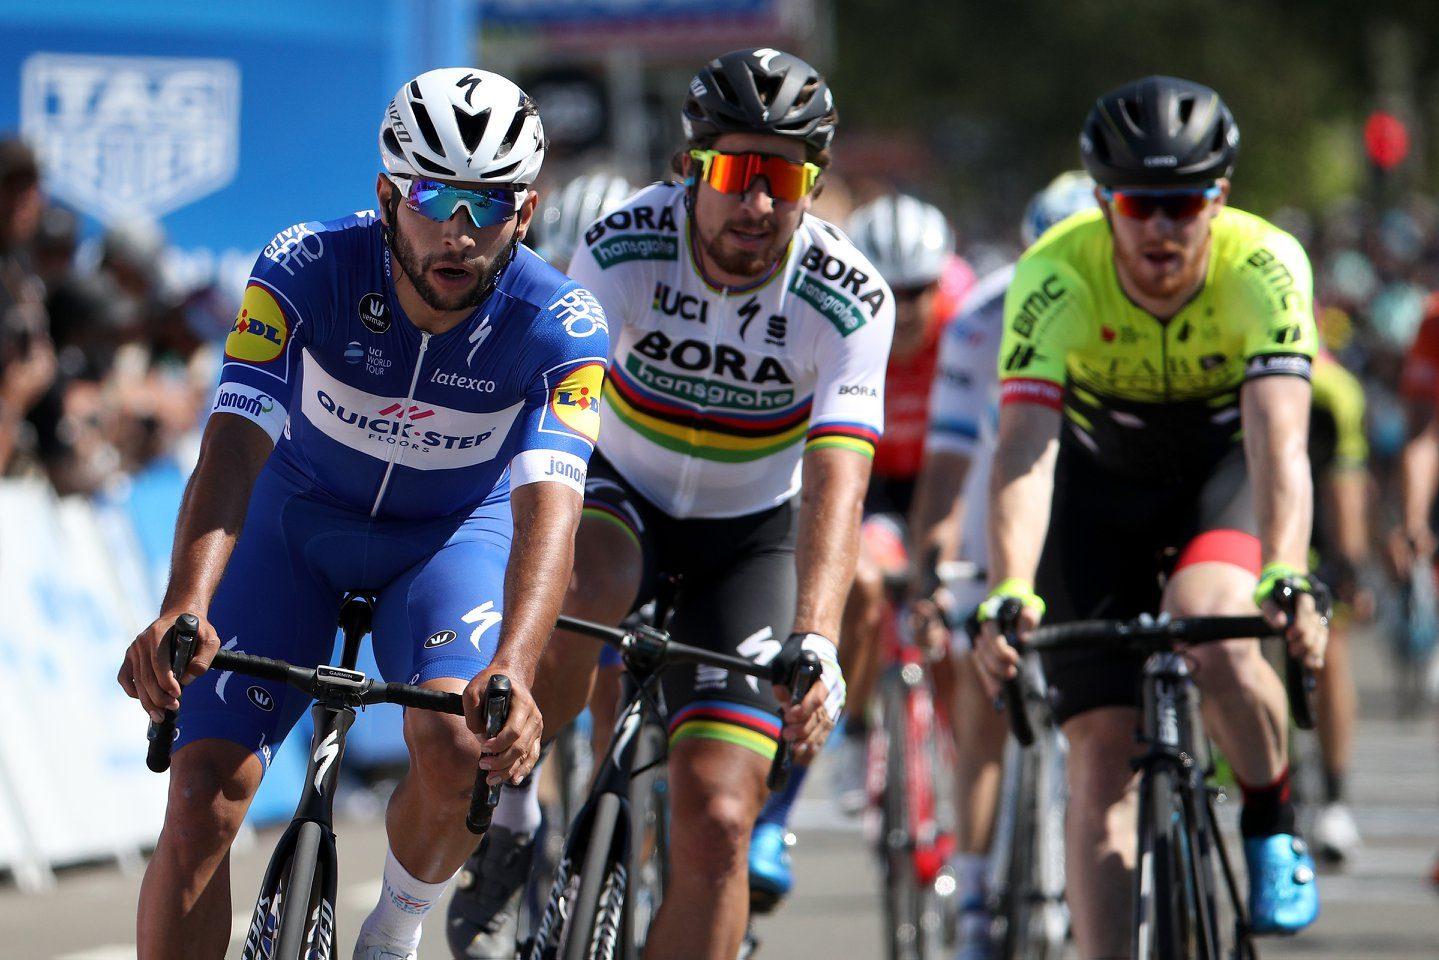 Фернандо Гавирия выиграл пятый этап «Тура Калифорнии»